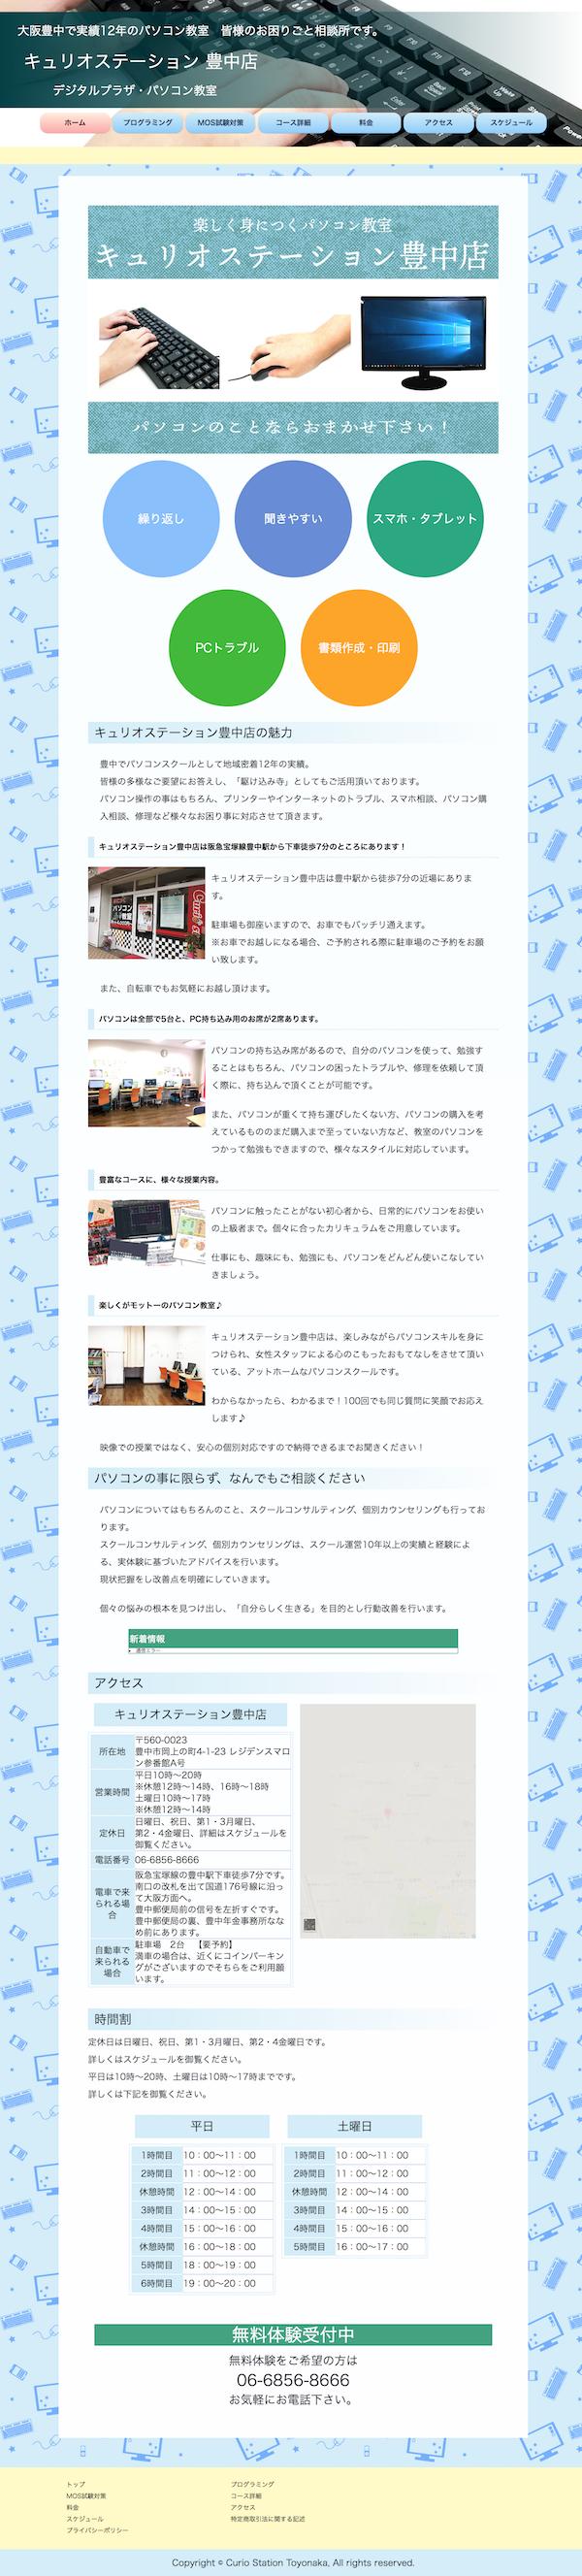 キュリオステーション豊中店ホームページイメージ